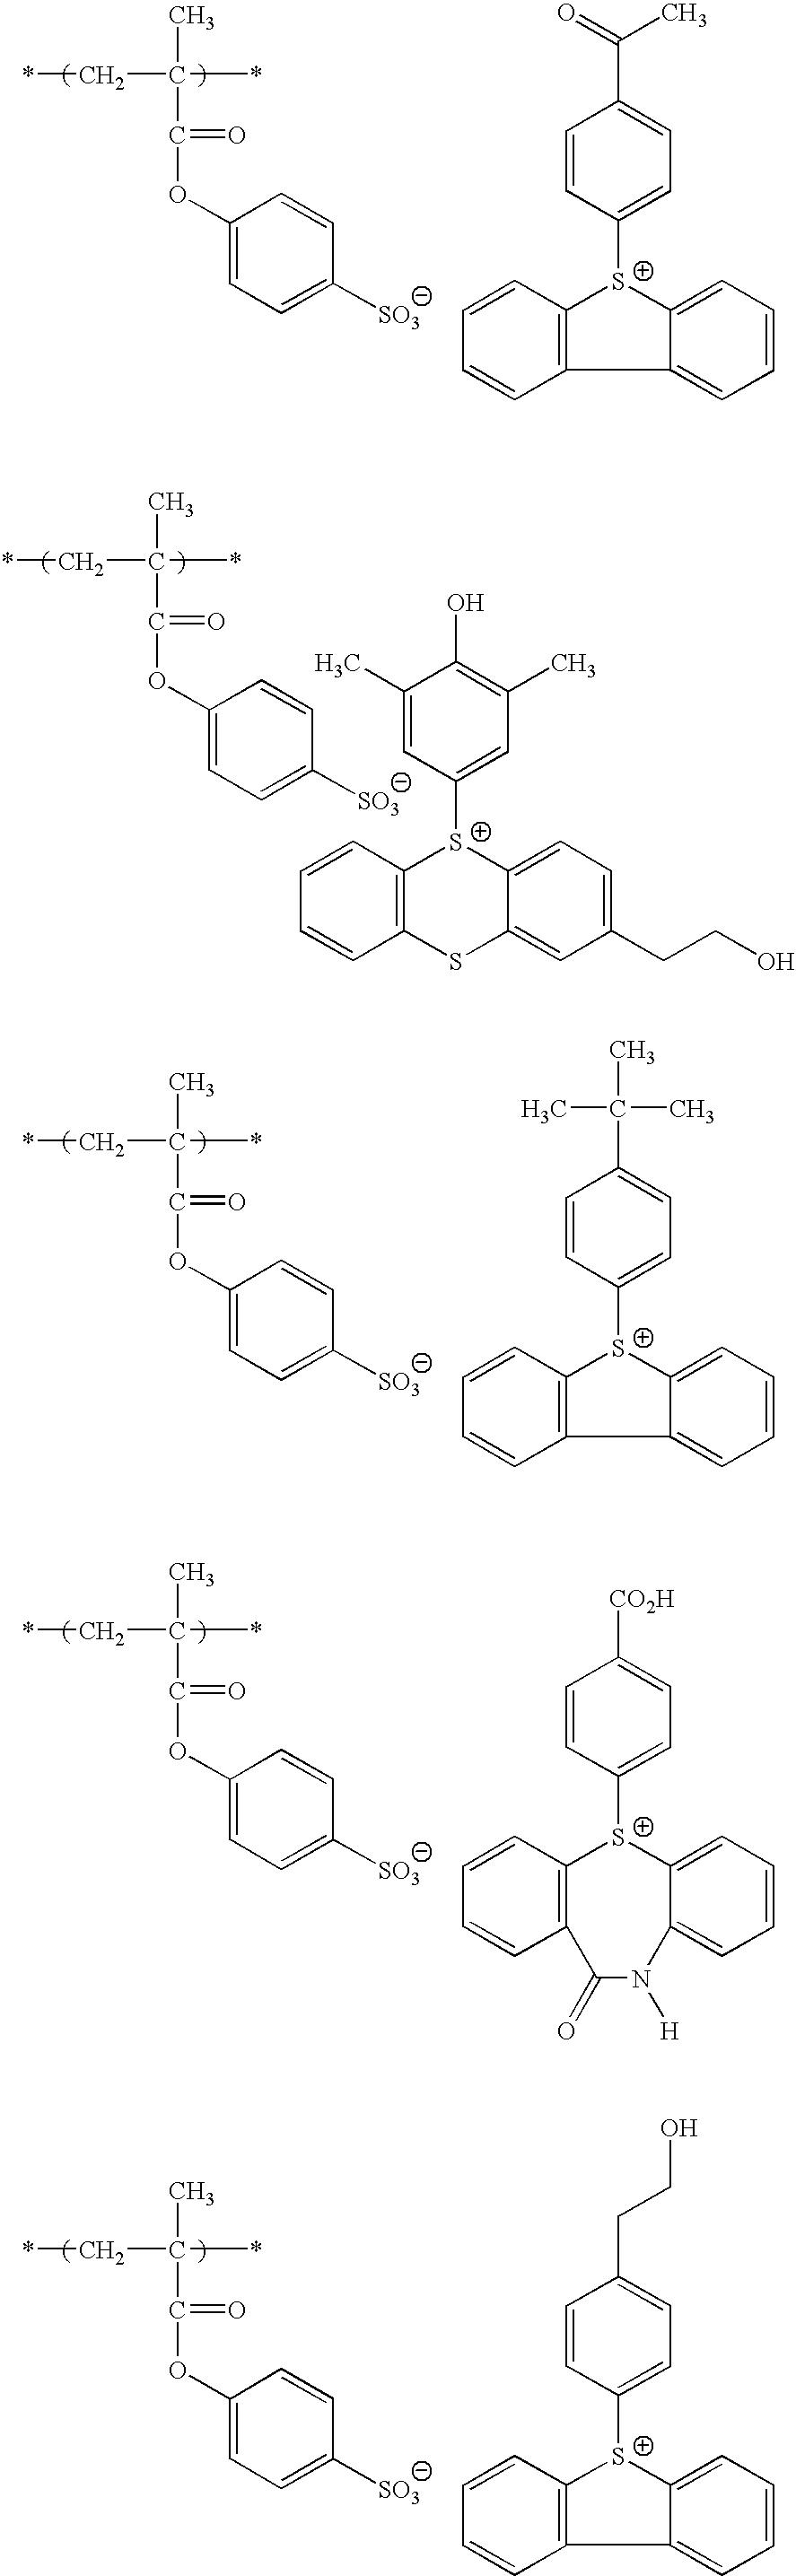 Figure US20100183975A1-20100722-C00070